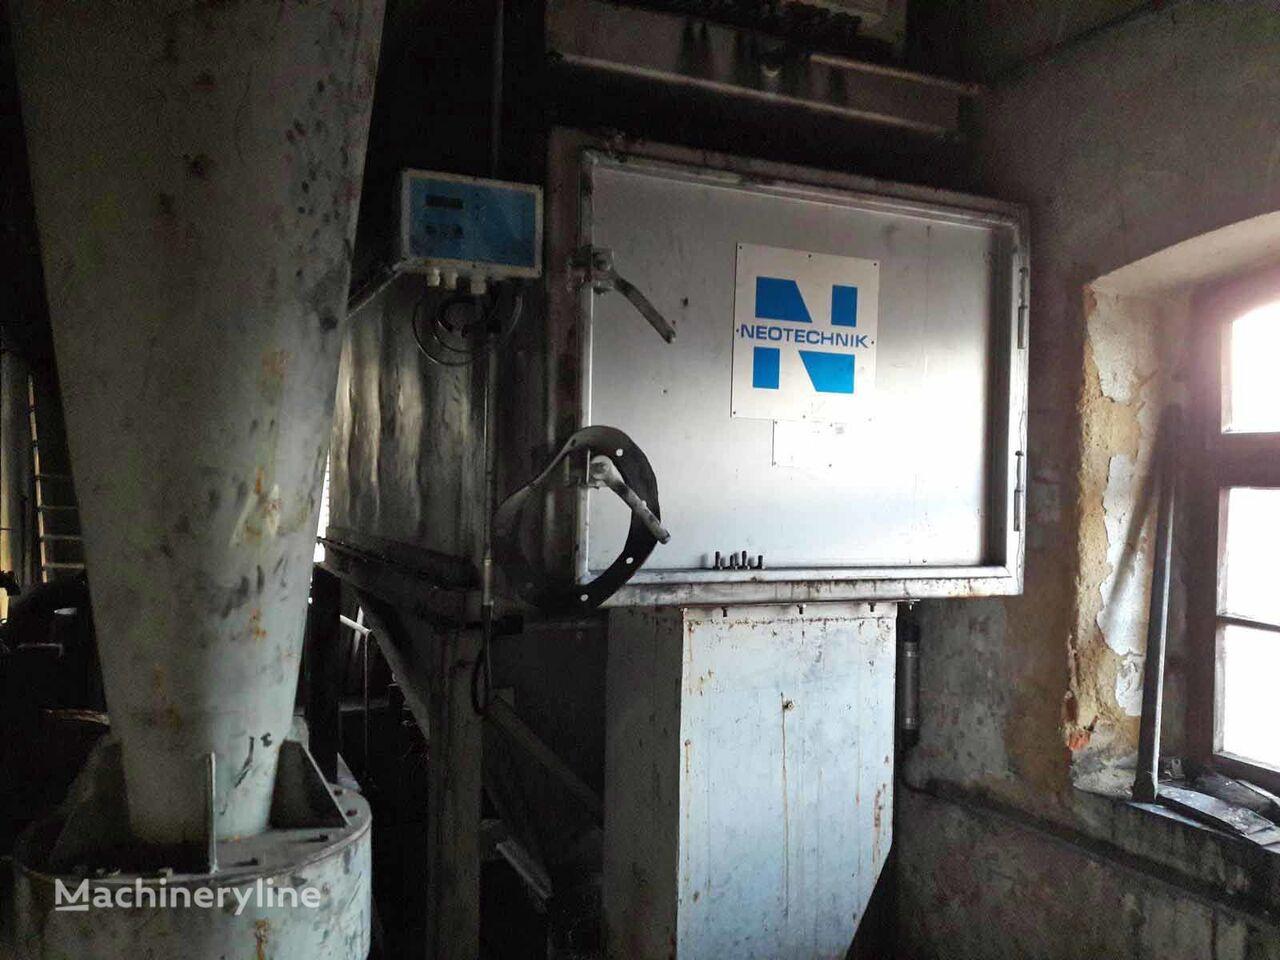 Neotechnik Dedusting/Entstaubung ventilation equipment